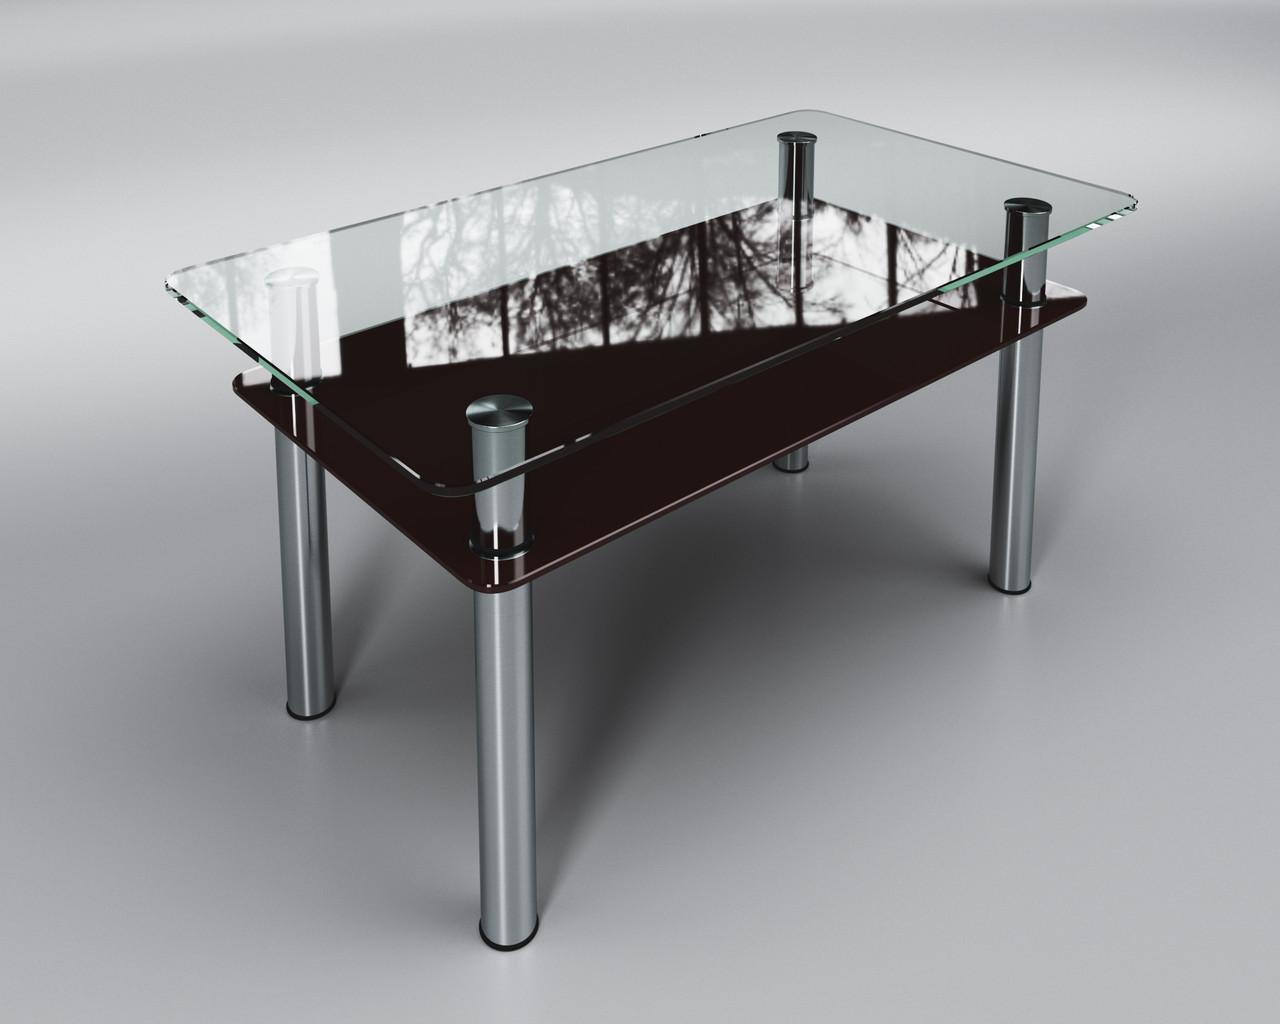 Журнальный стеклянный стол Вега с полкой коричневой